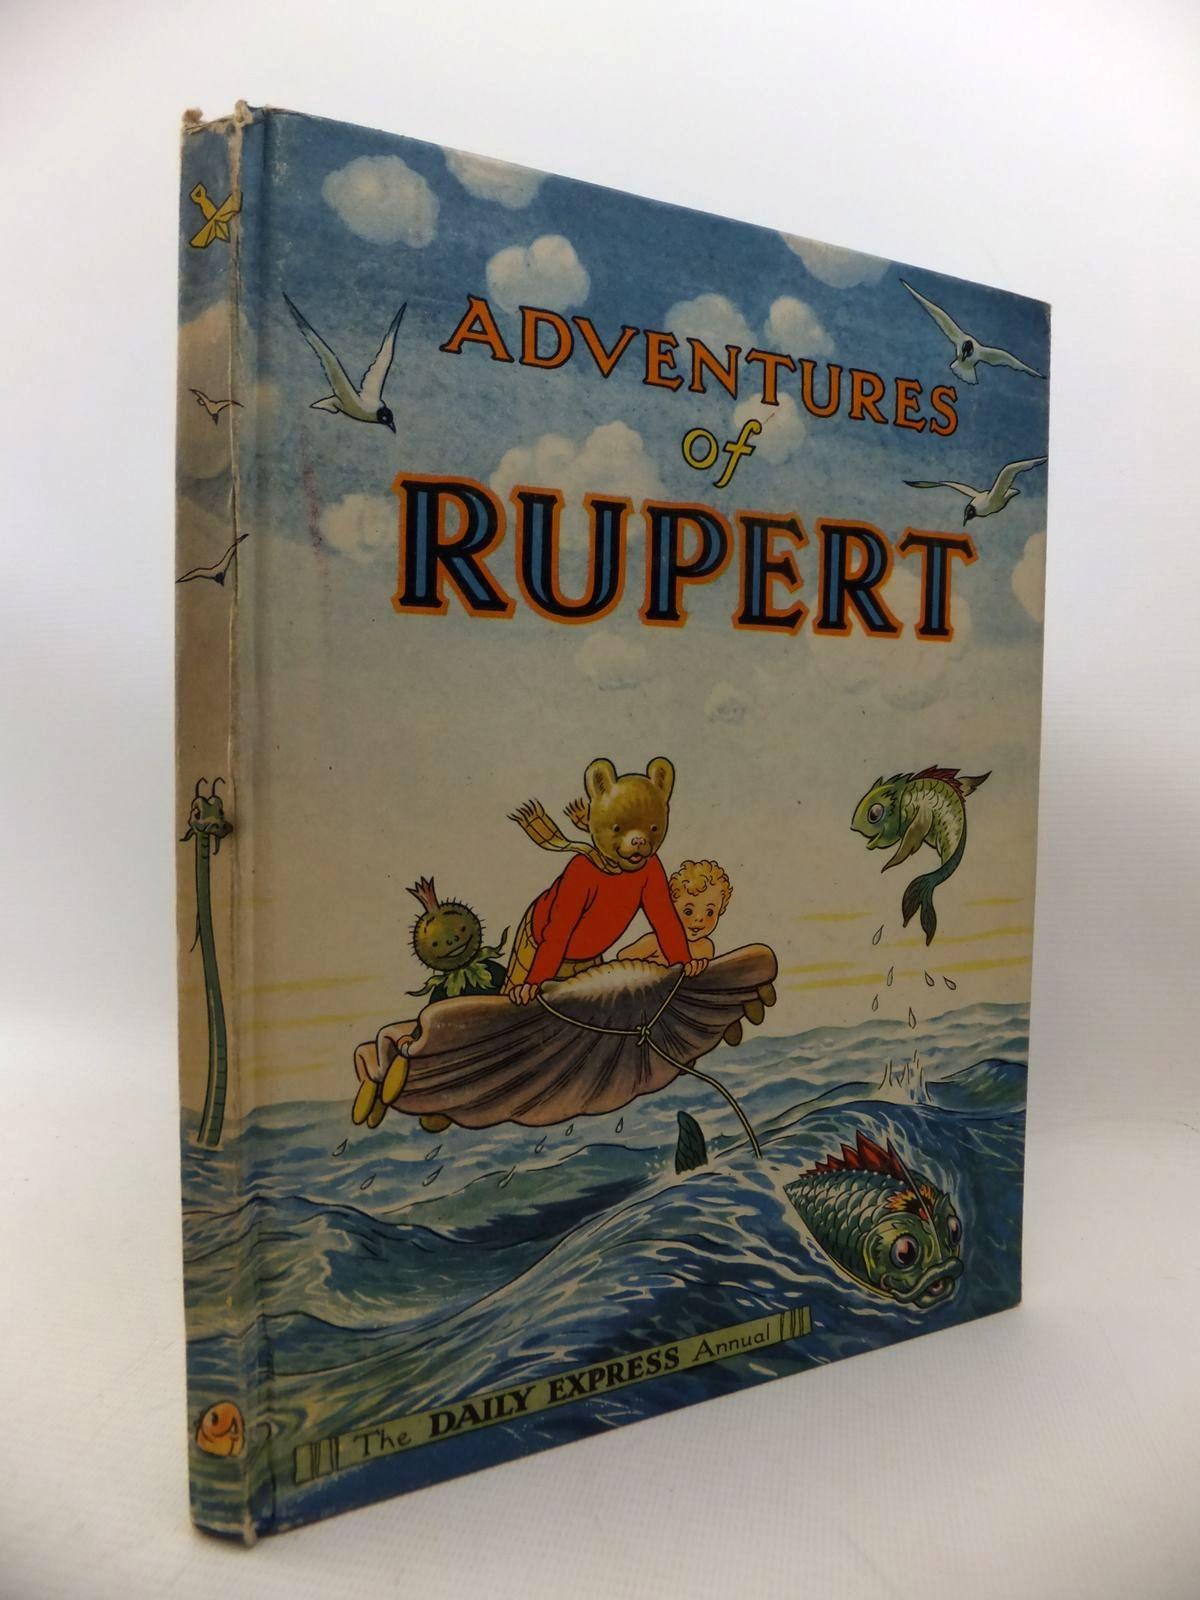 Photo of RUPERT ANNUAL 1950 - ADVENTURES OF RUPERT